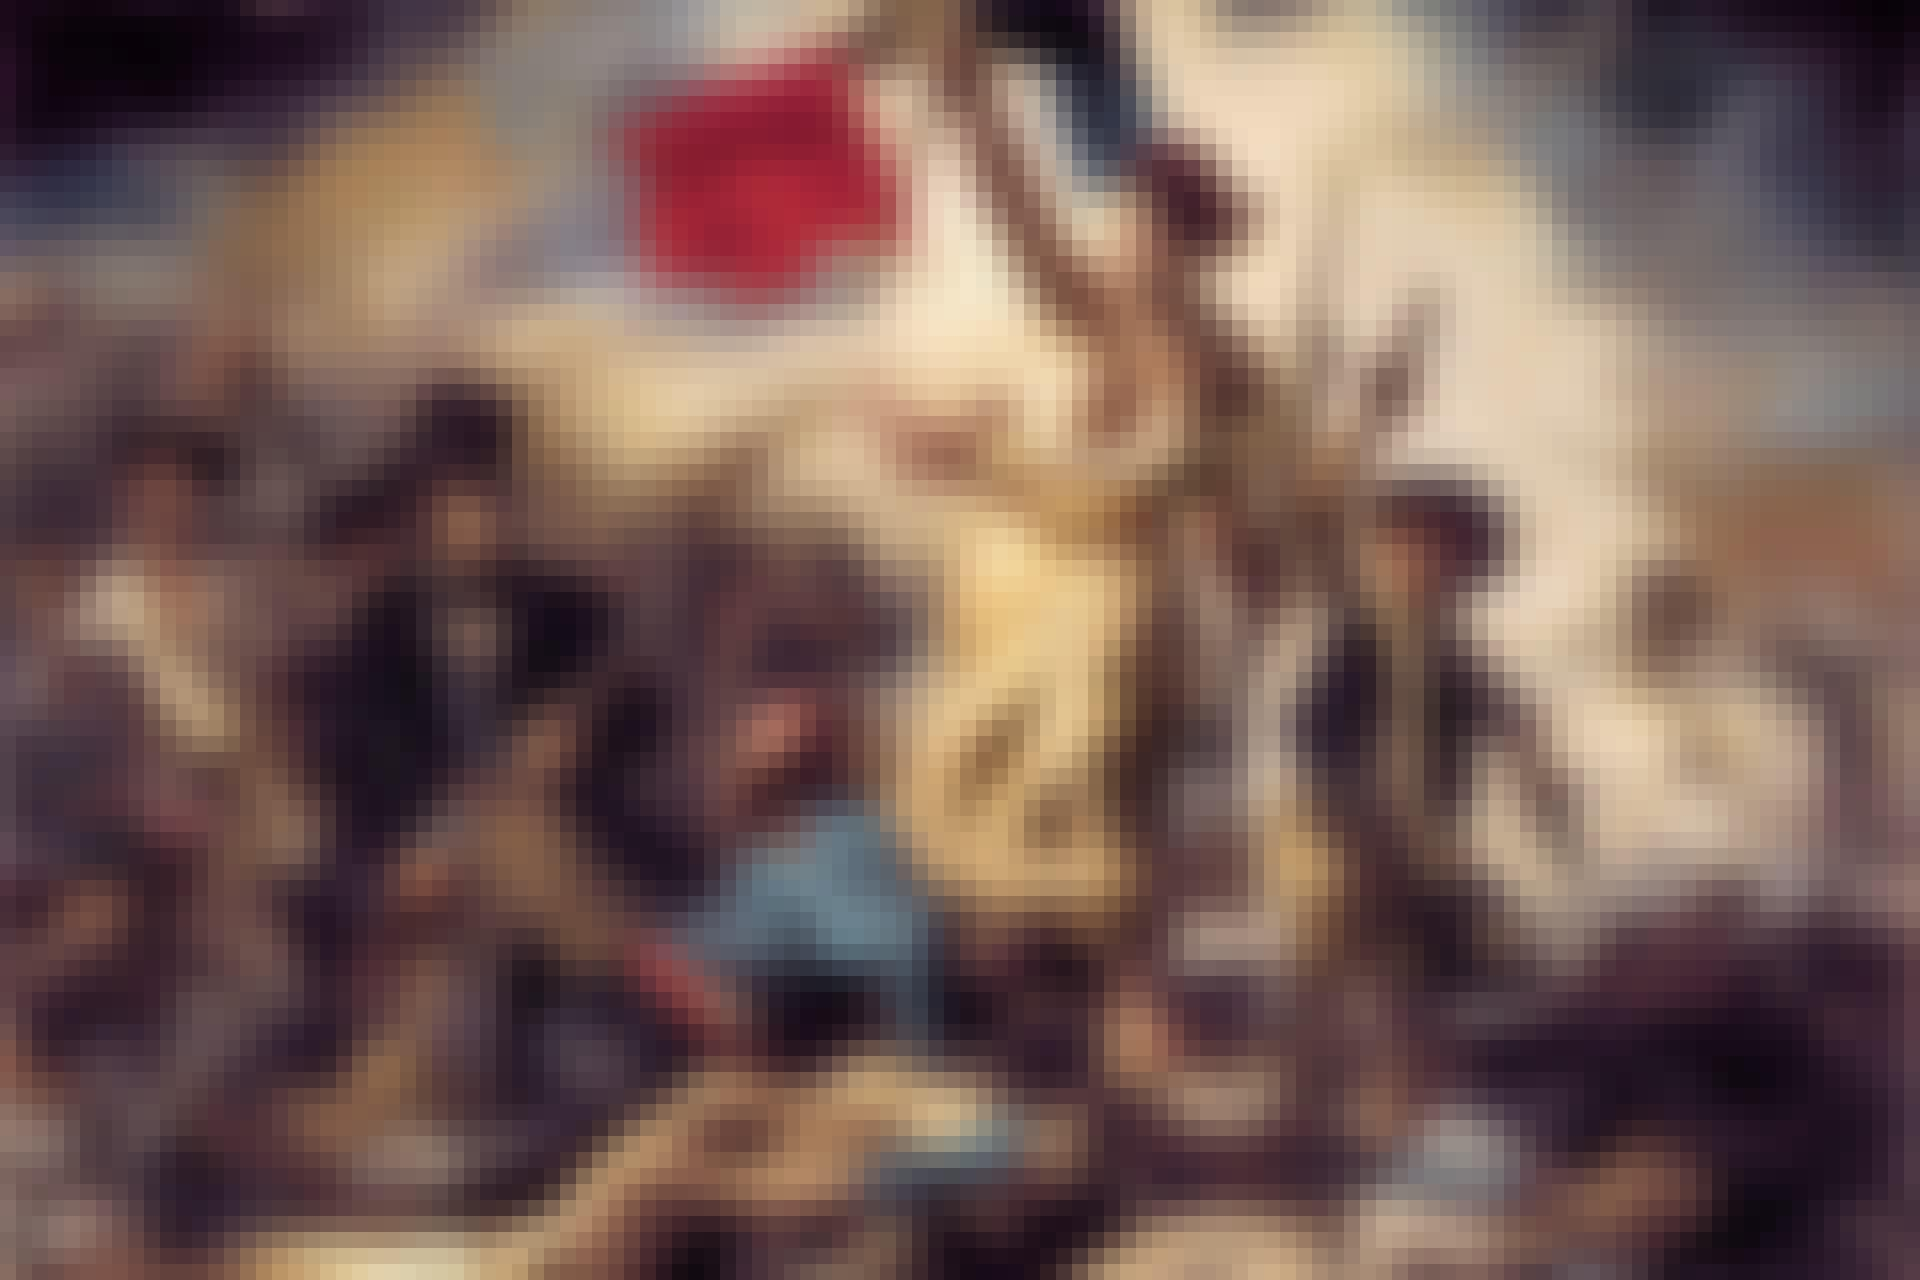 Maleri av kvinne og den franske revolusjon